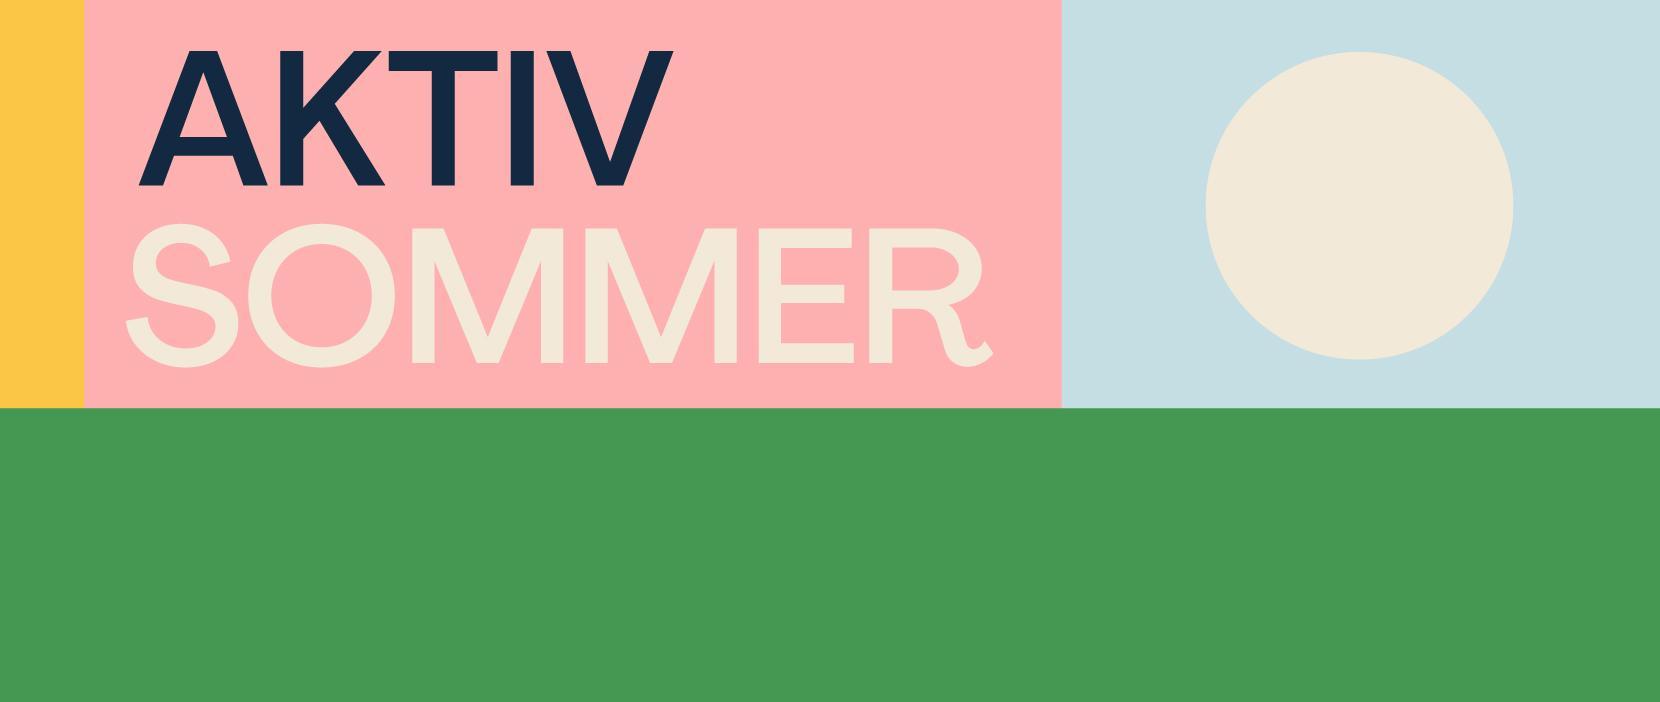 Aktiv Sommer 2021 banner